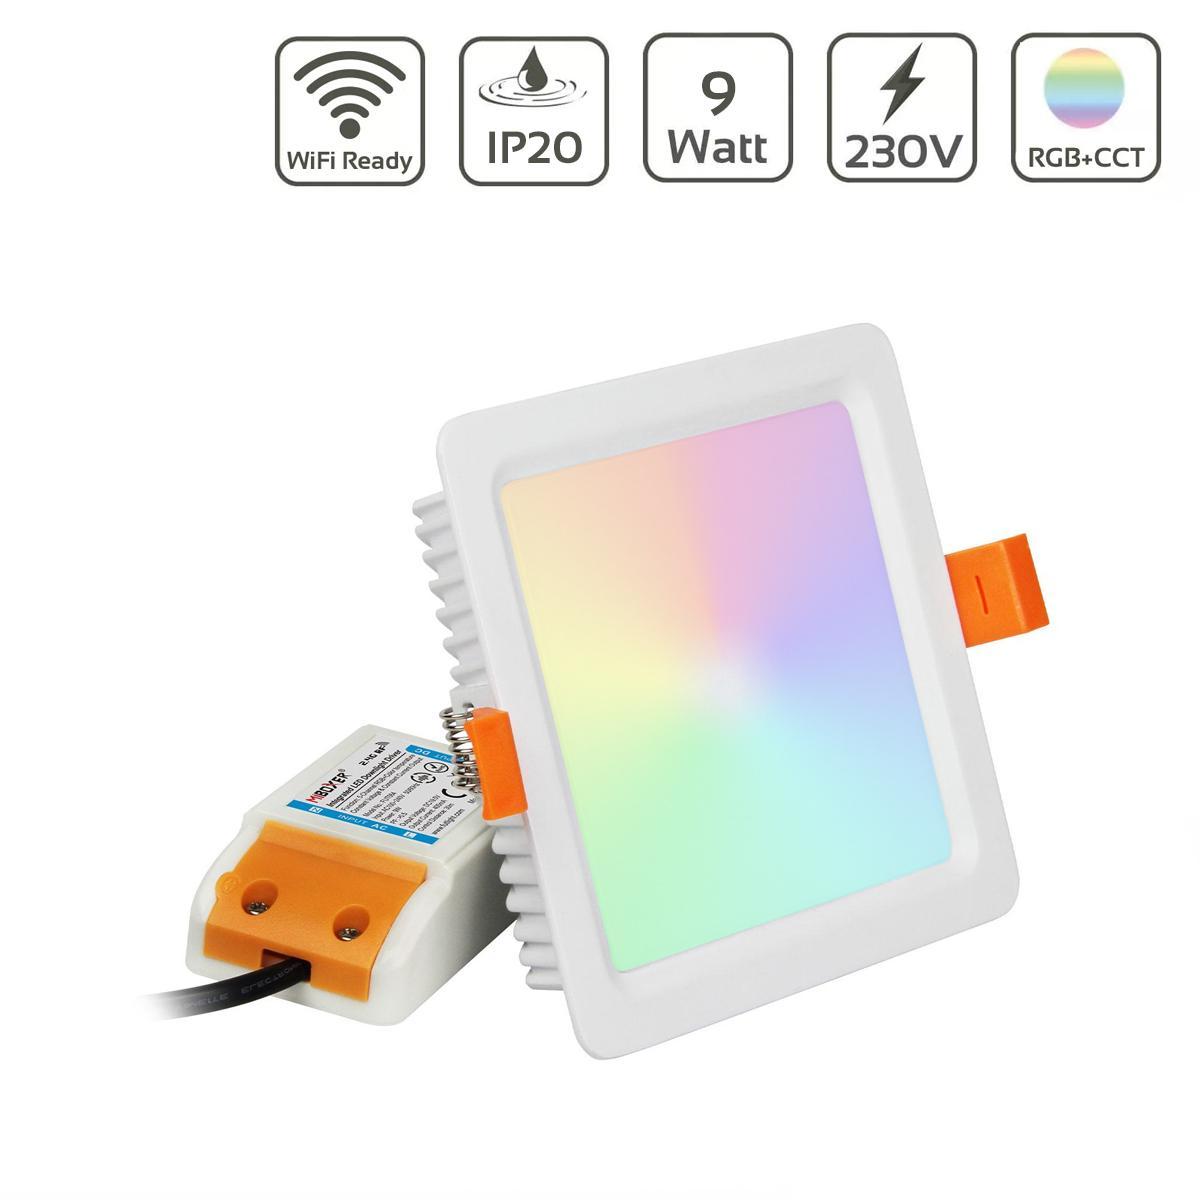 MiBoxer LED Einbaustrahler RGB+CCT 9W 105x105mm 2,4GHz WiFiready FUT064